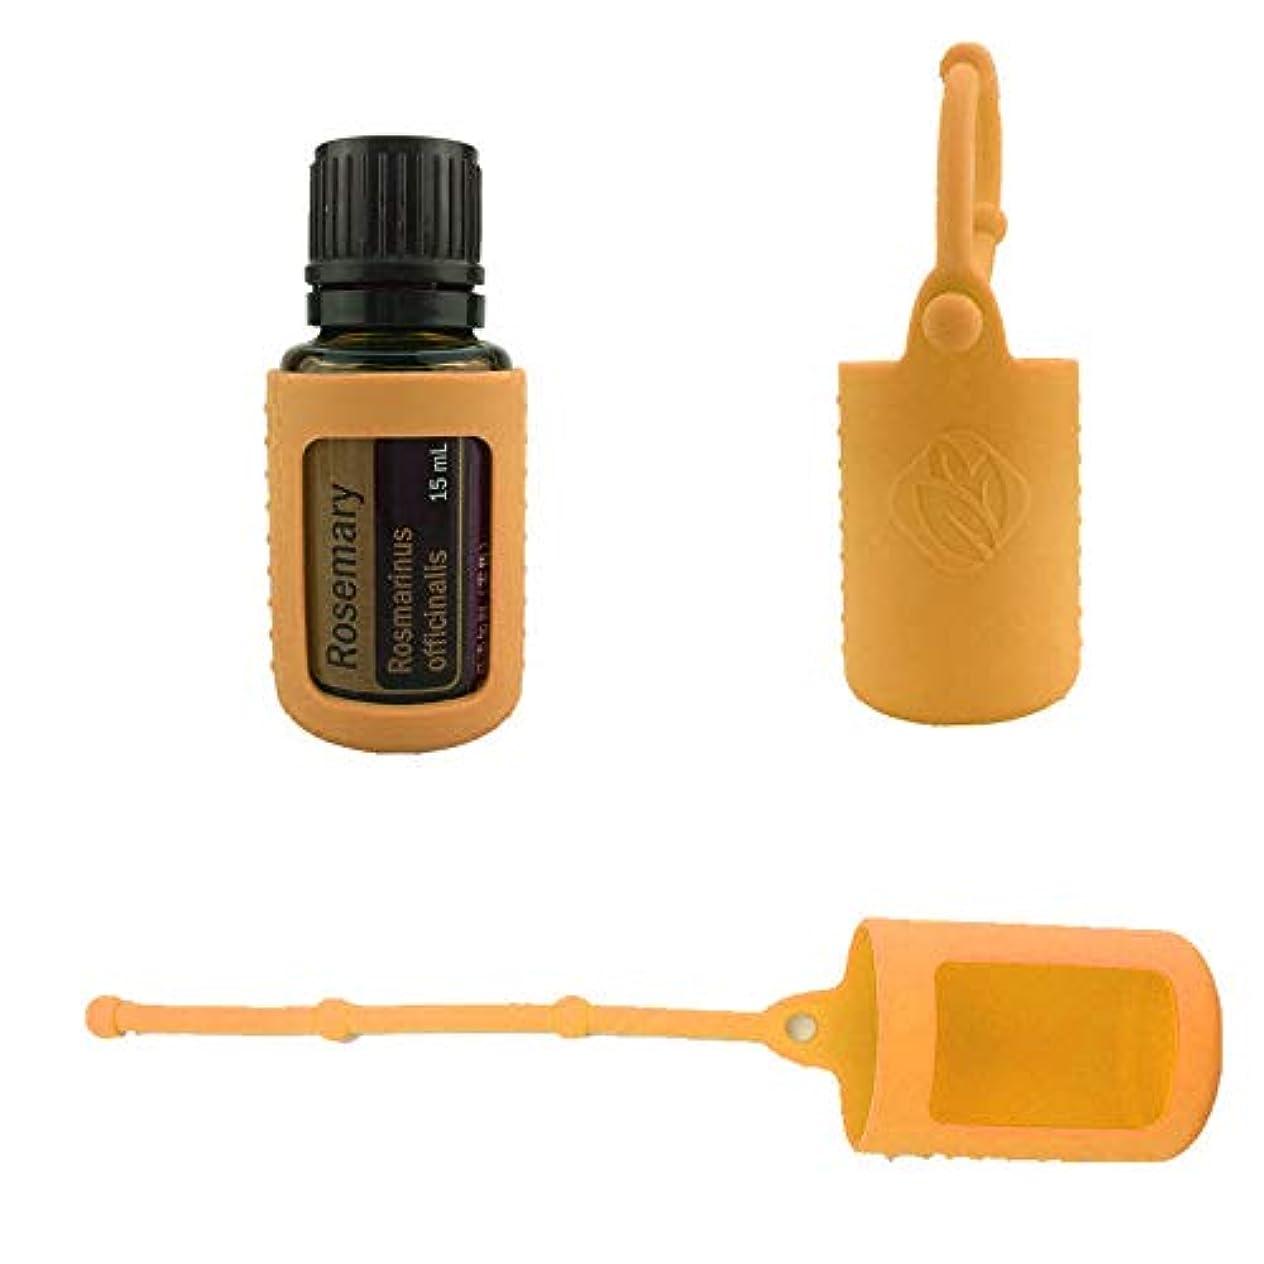 ボーナス可能にする邪魔6パック熱望オイルボトルシリコンローラーボトルホルダースリーブエッセンシャルオイルボトル保護カバーケースハングロープ - オレンジ - 6-pcs 5ml